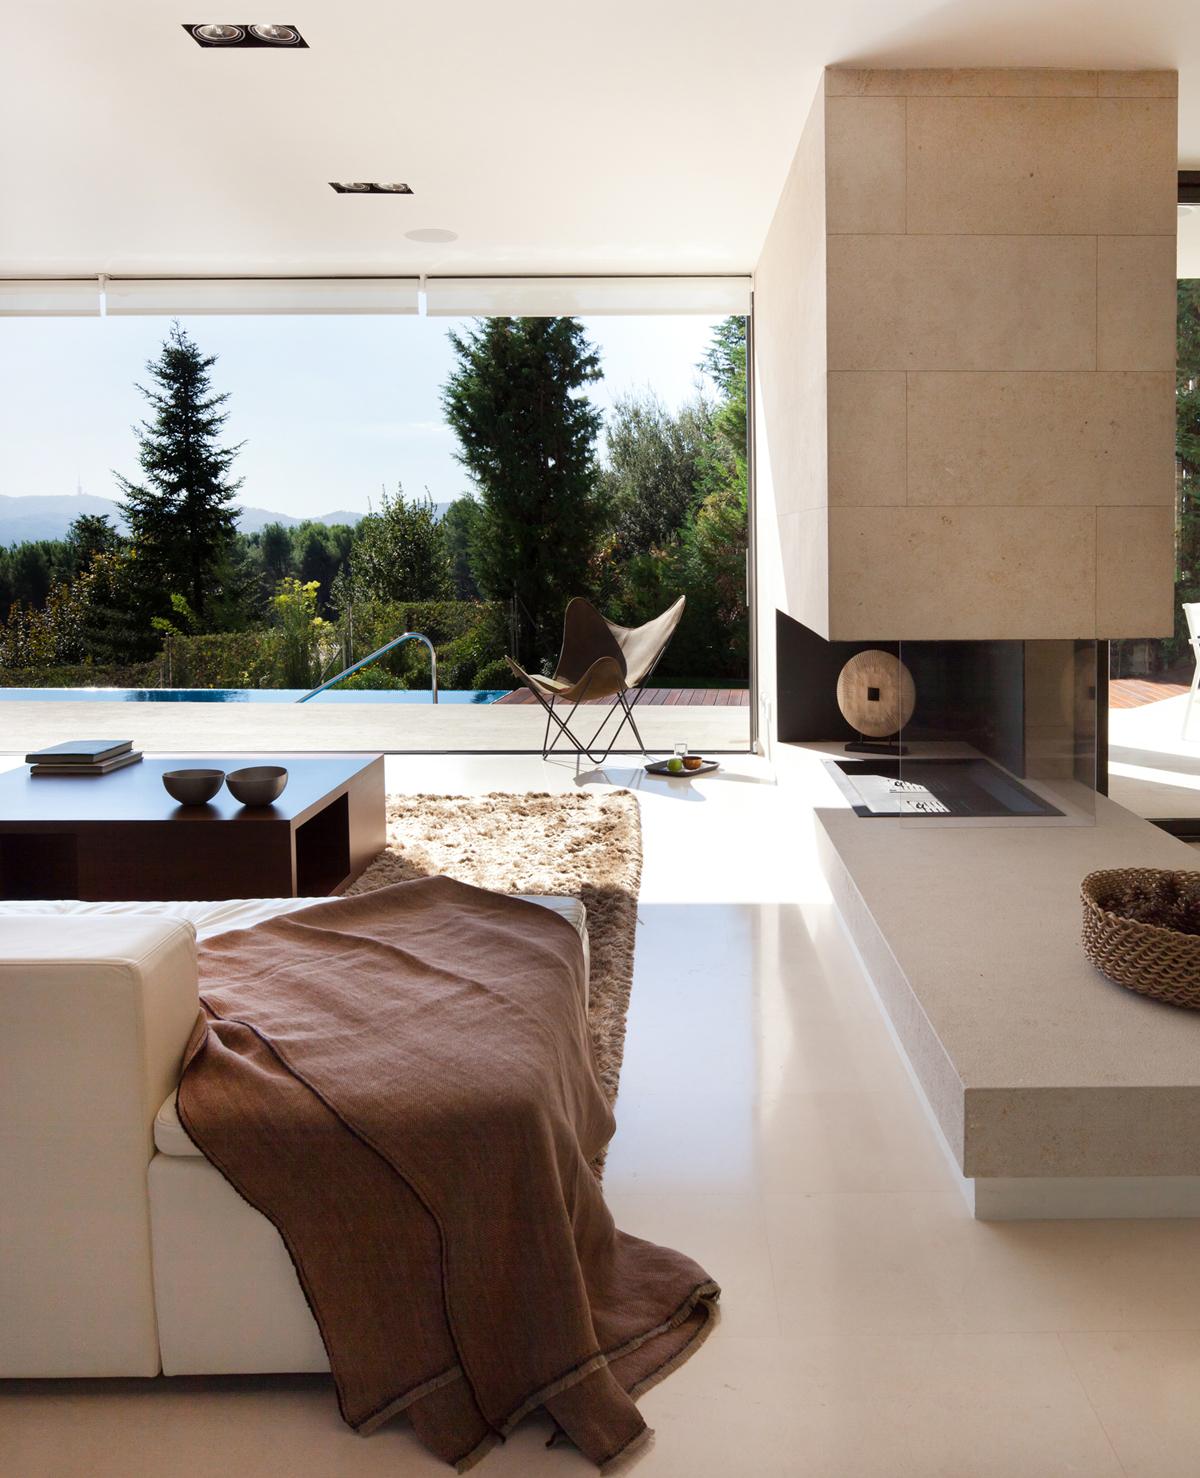 ylab-arquitectos-rehabilitacion-vivienda-decoracion.jpg